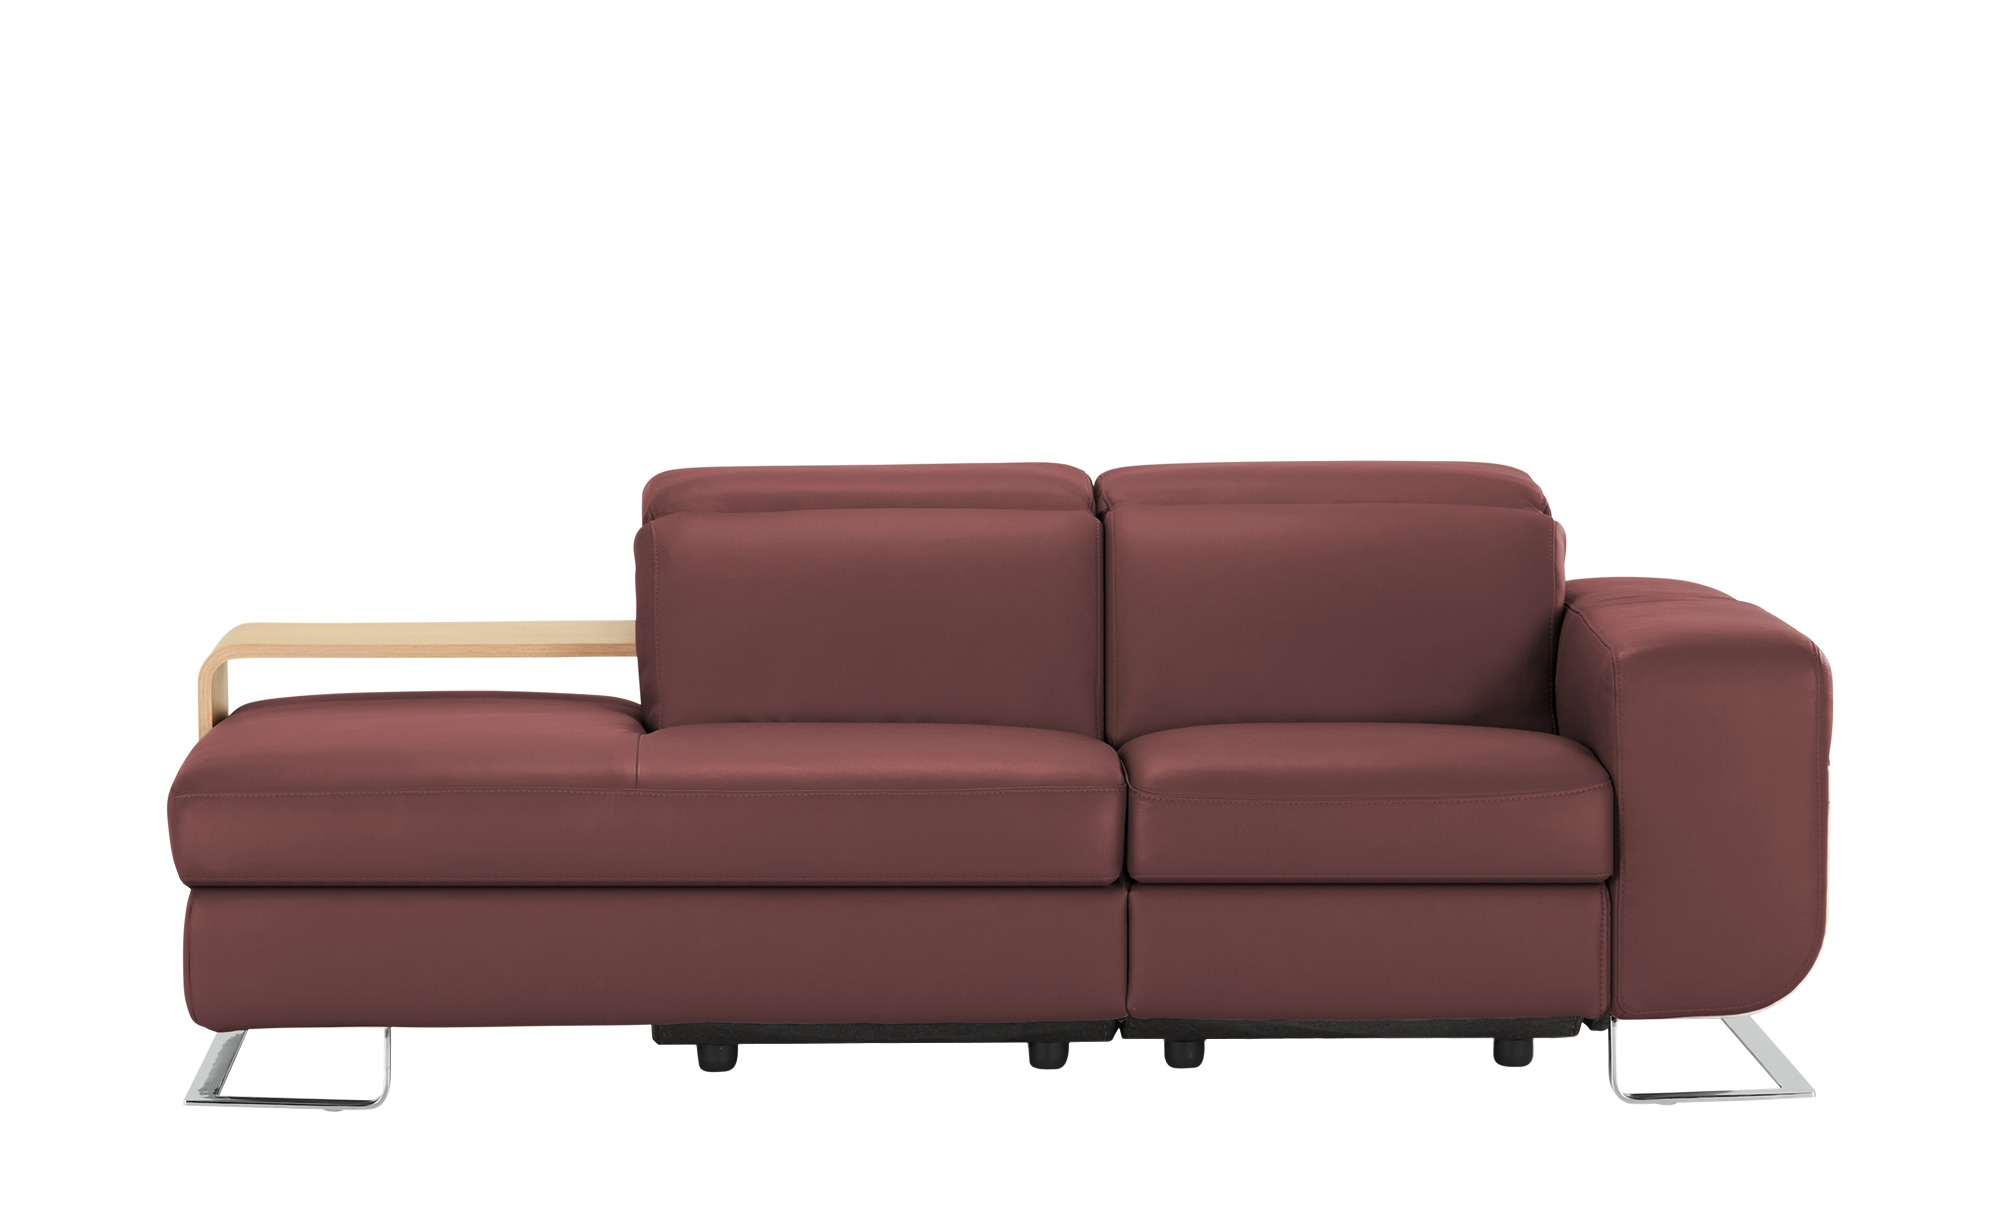 JOOP! Ledersofa  8151 ¦ rot Polstermöbel > Sofas > Einzelsofas - Höffner günstig online kaufen